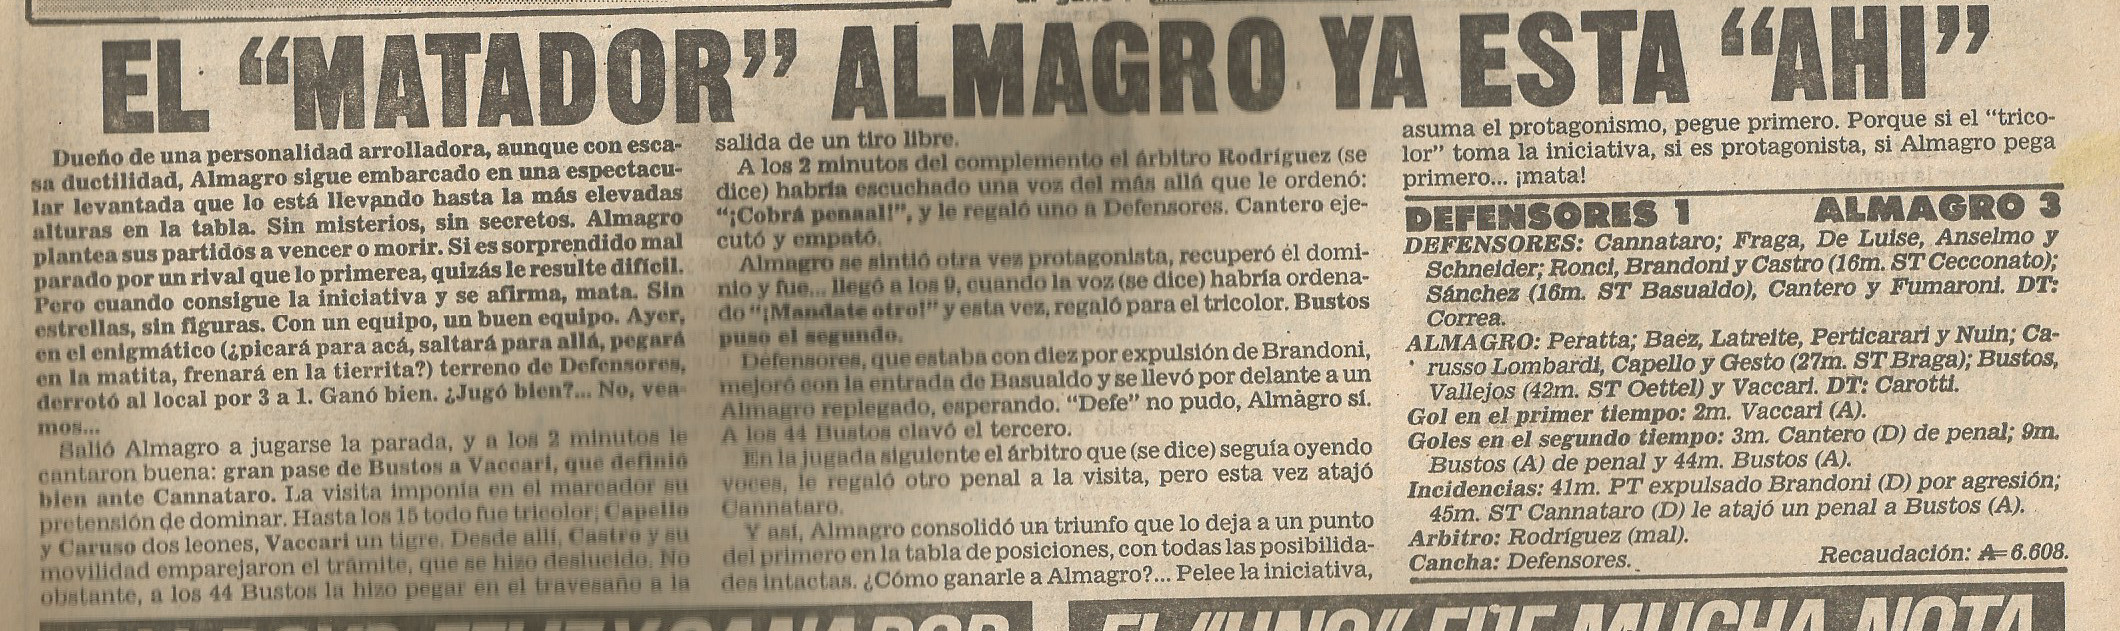 87-88 primera b - def de belgrano almagro - cronica